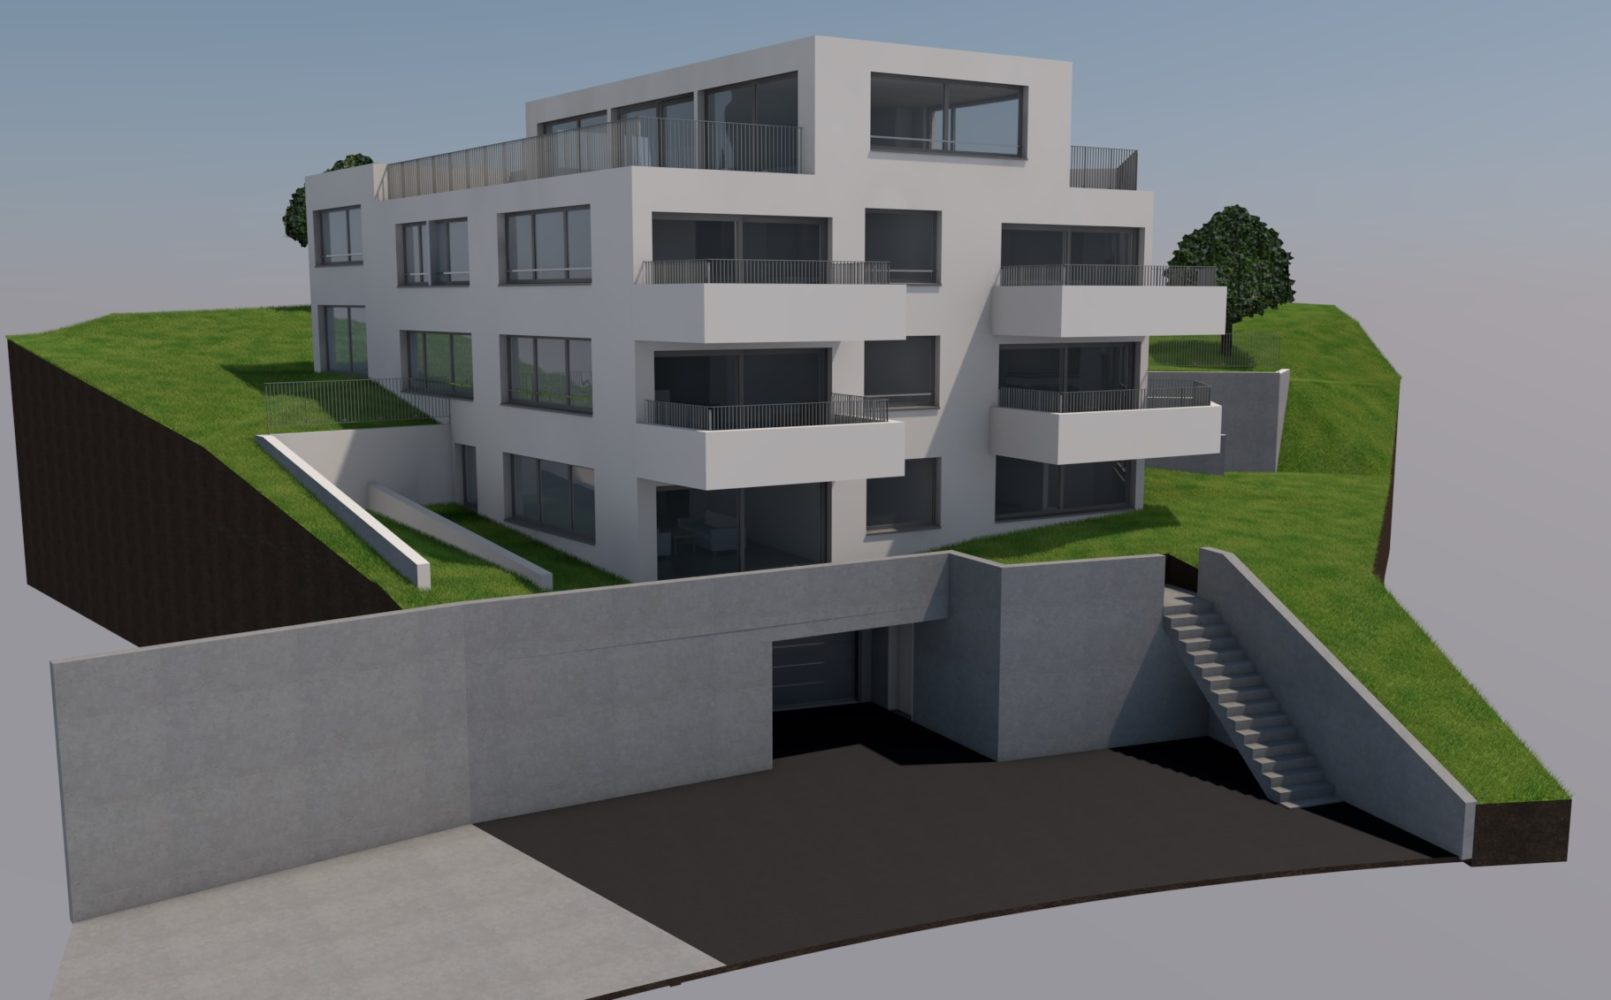 Neubau MFH mit 6 Wohnungen an ruhiger Lage